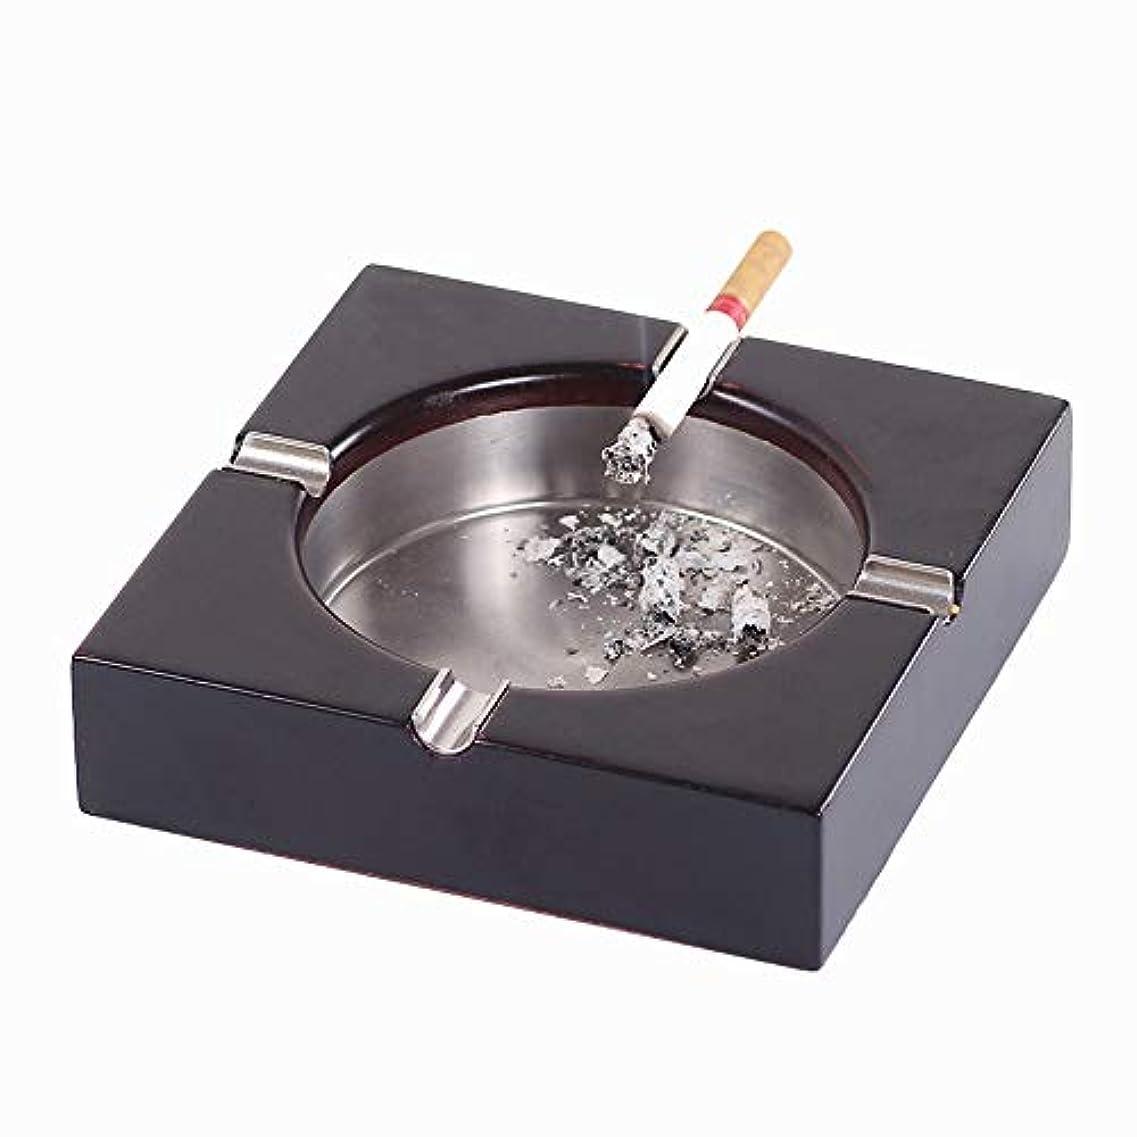 誕生抜け目のないほかにふたの家の装飾とタバコの創造的な灰皿のための灰皿 (Size : M)